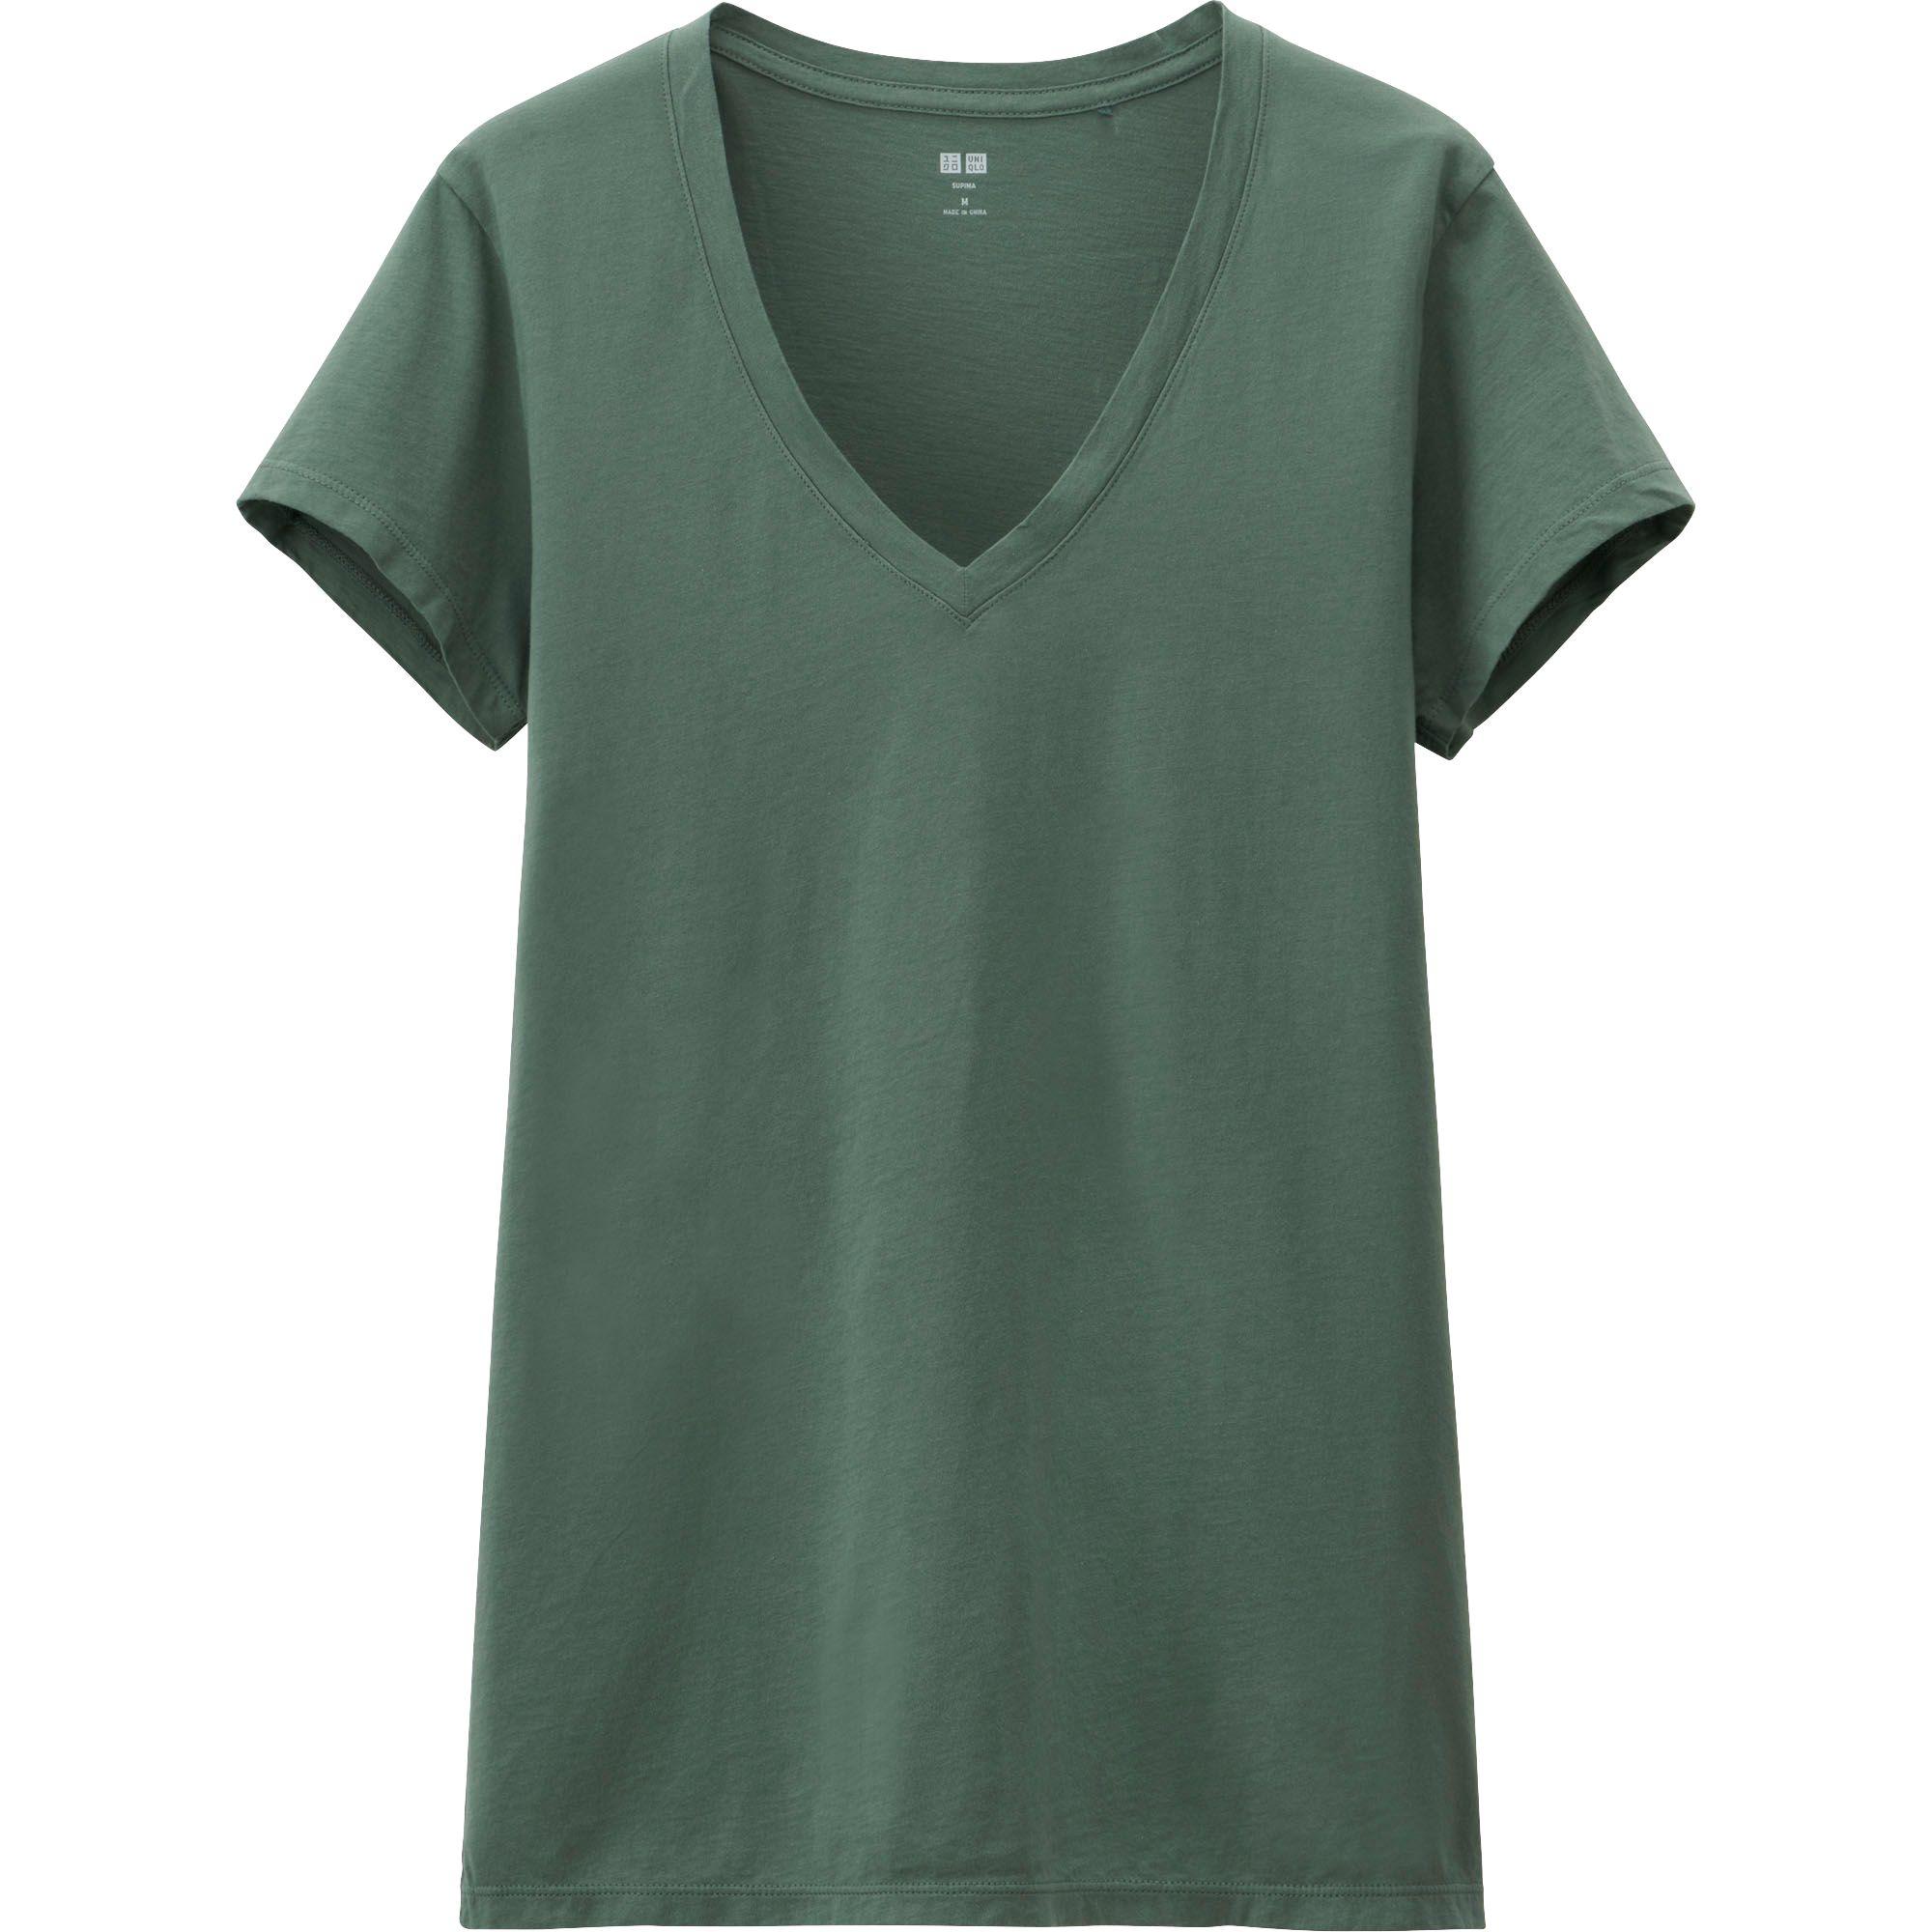 Uniqlo Women Supima Cotton Washed V Neck Short Sleeve T